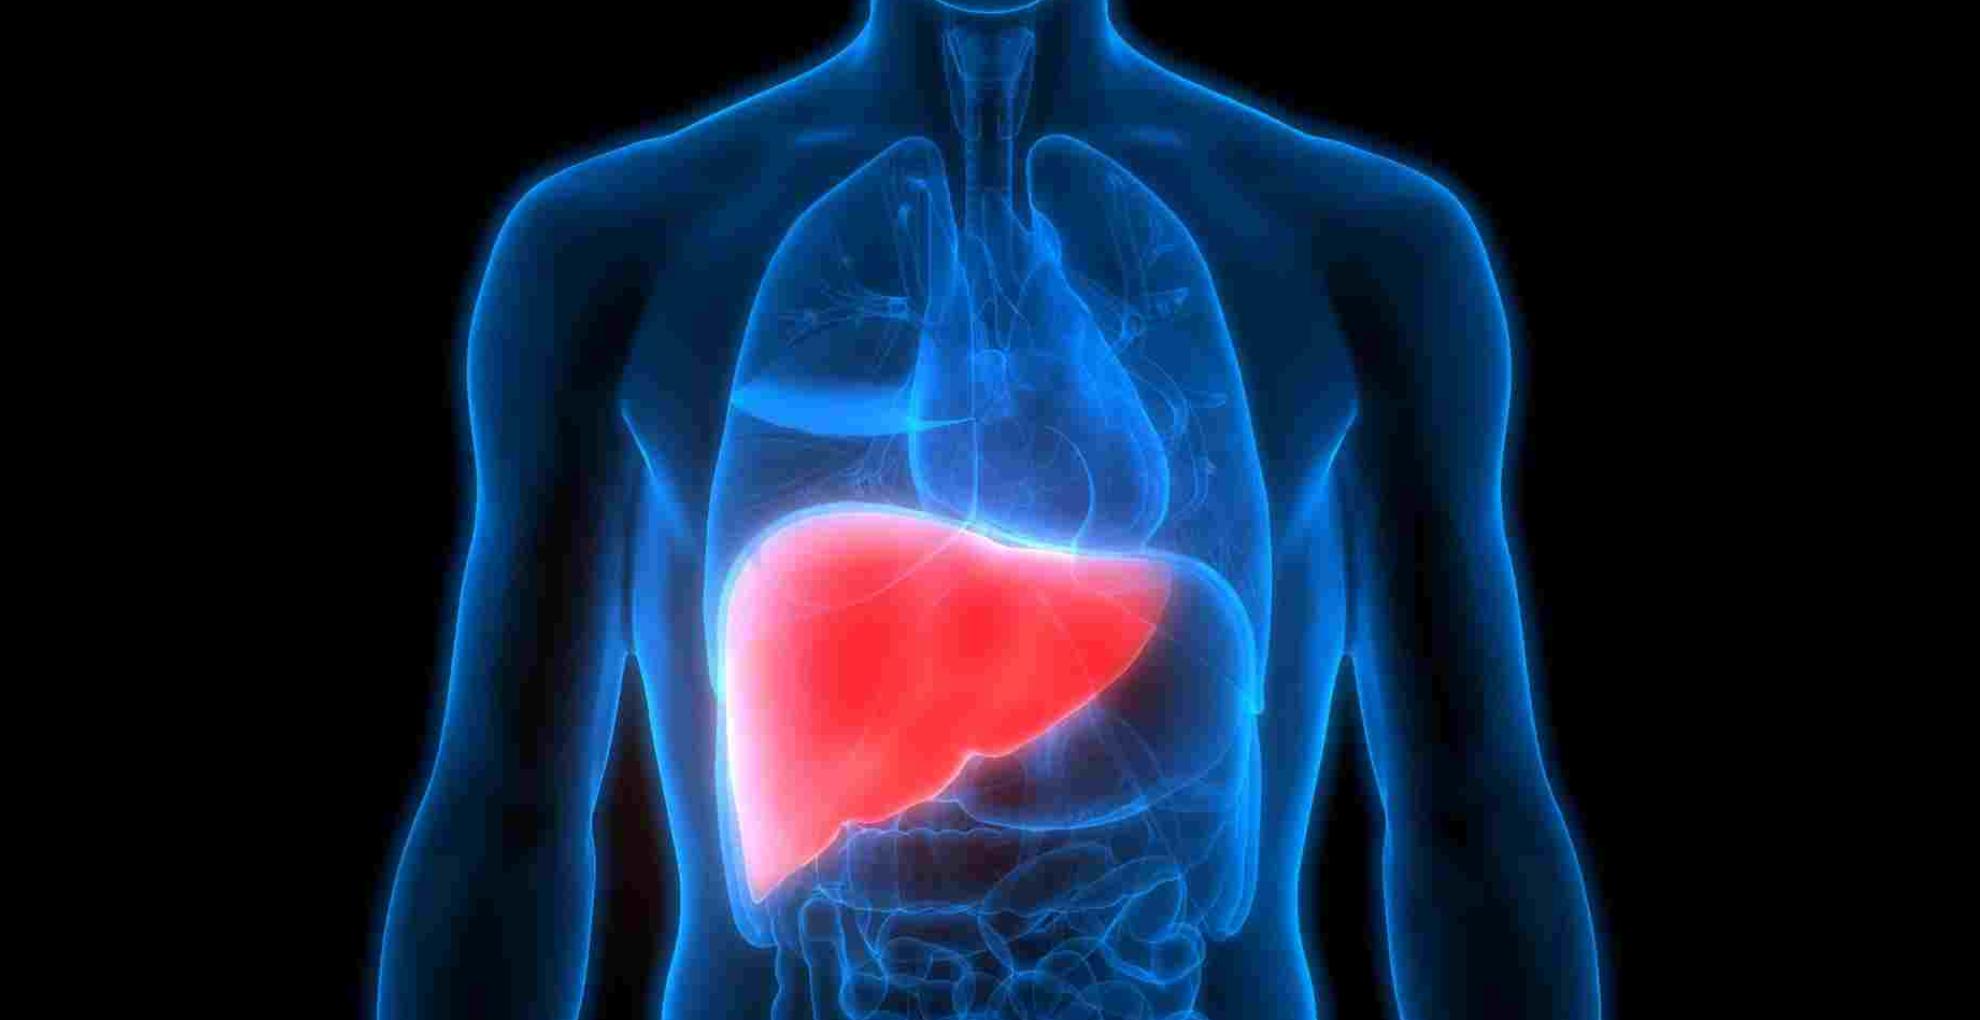 Health Tips: फैटी लिवर की वजह से आप हो सकते हैं कैंसर का शिकार, ऐसे करें इस बीमारी से बचाव